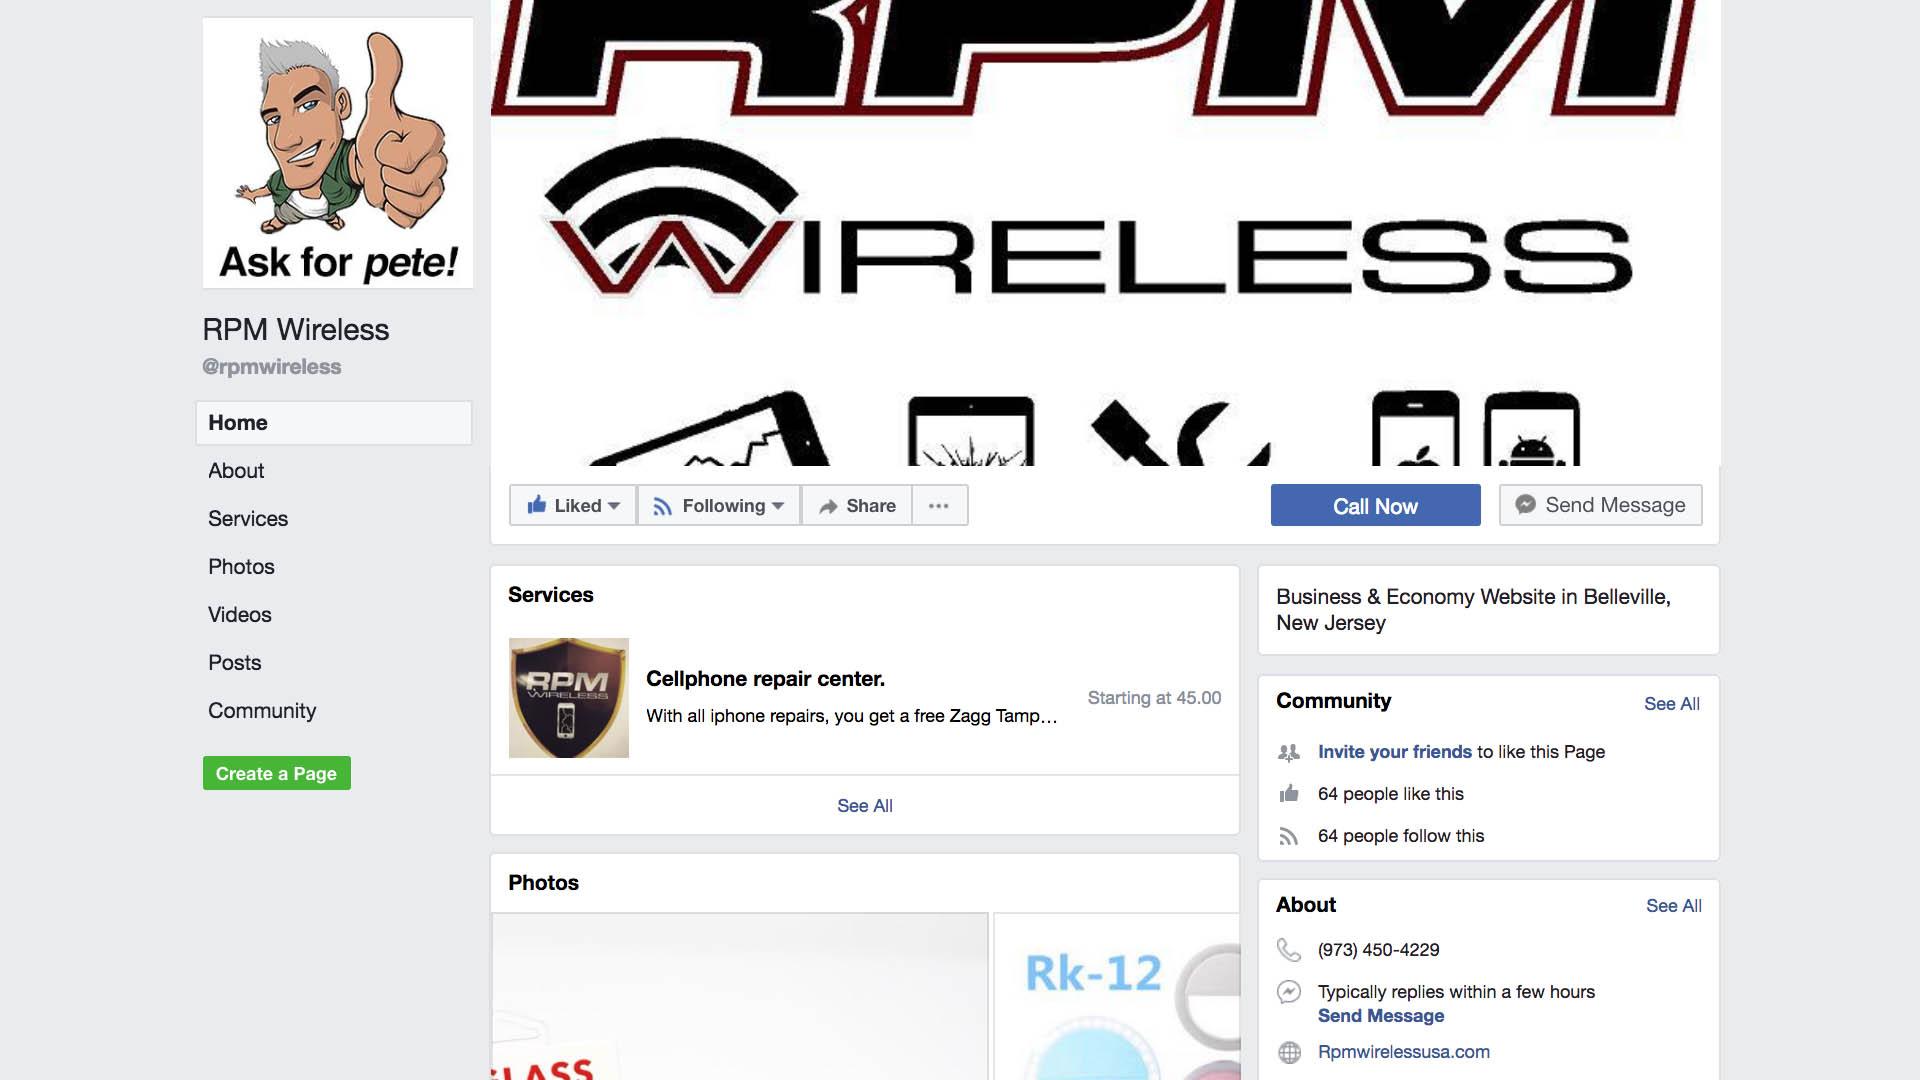 facebook.com/rpmwireless